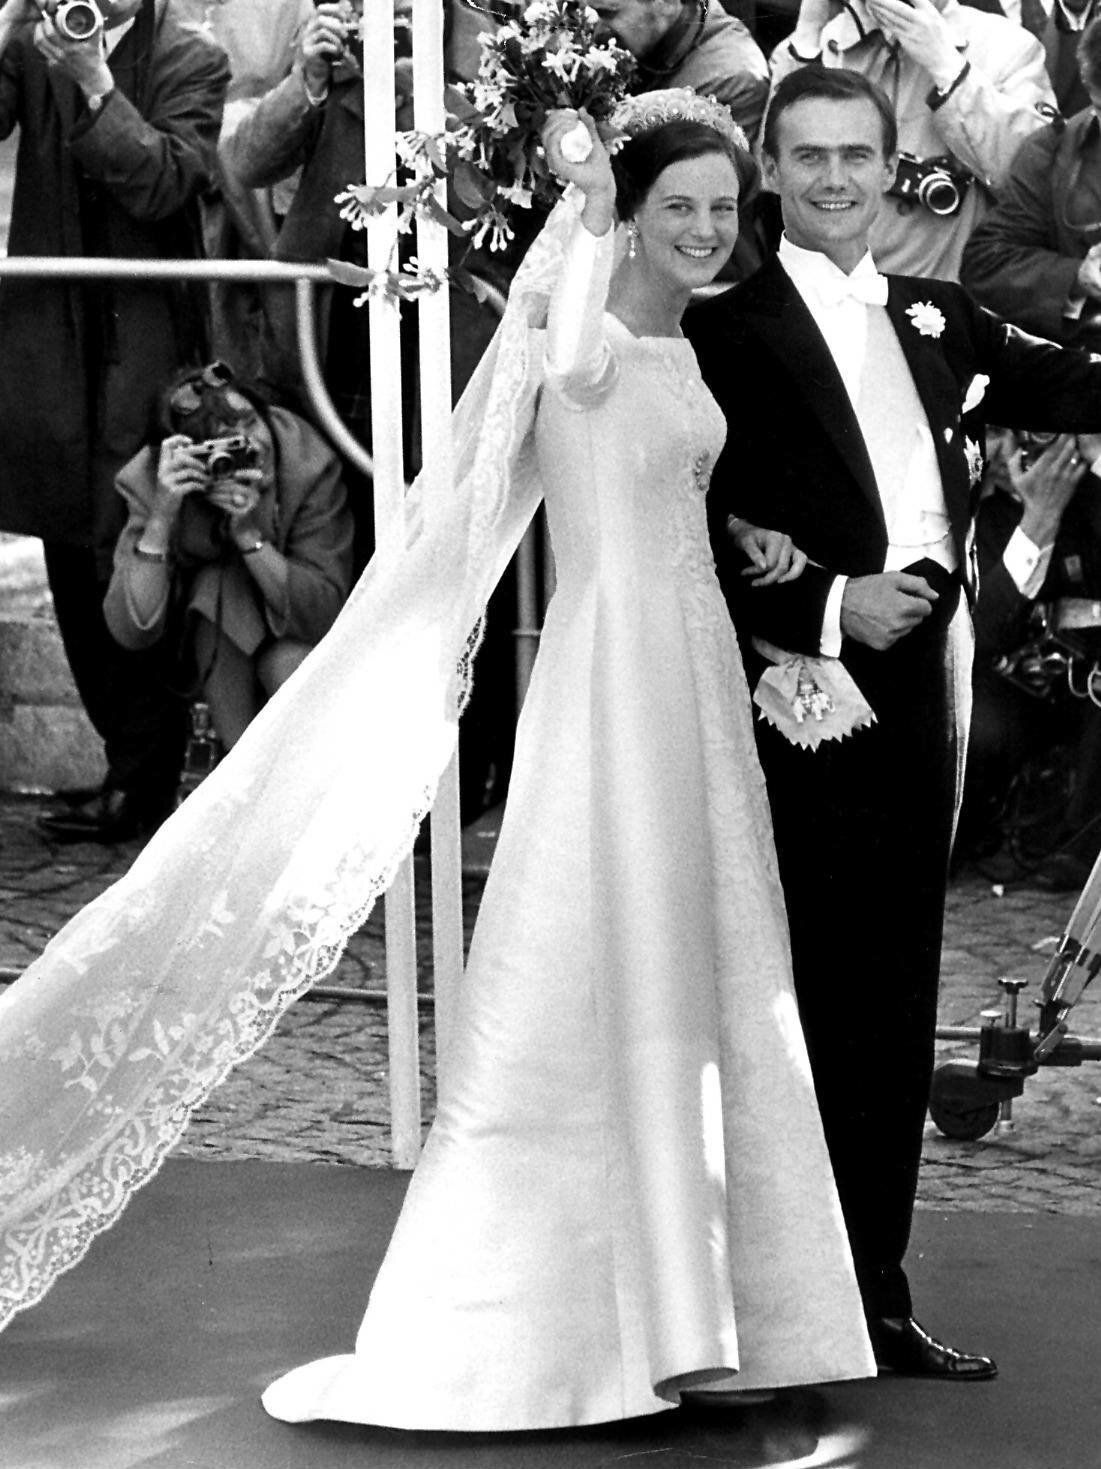 Konigin Margrethe Eine Frau Von Format Wird 80 In 2020 Konigliche Hochzeitskleider Braut Portraits Royale Hochzeiten